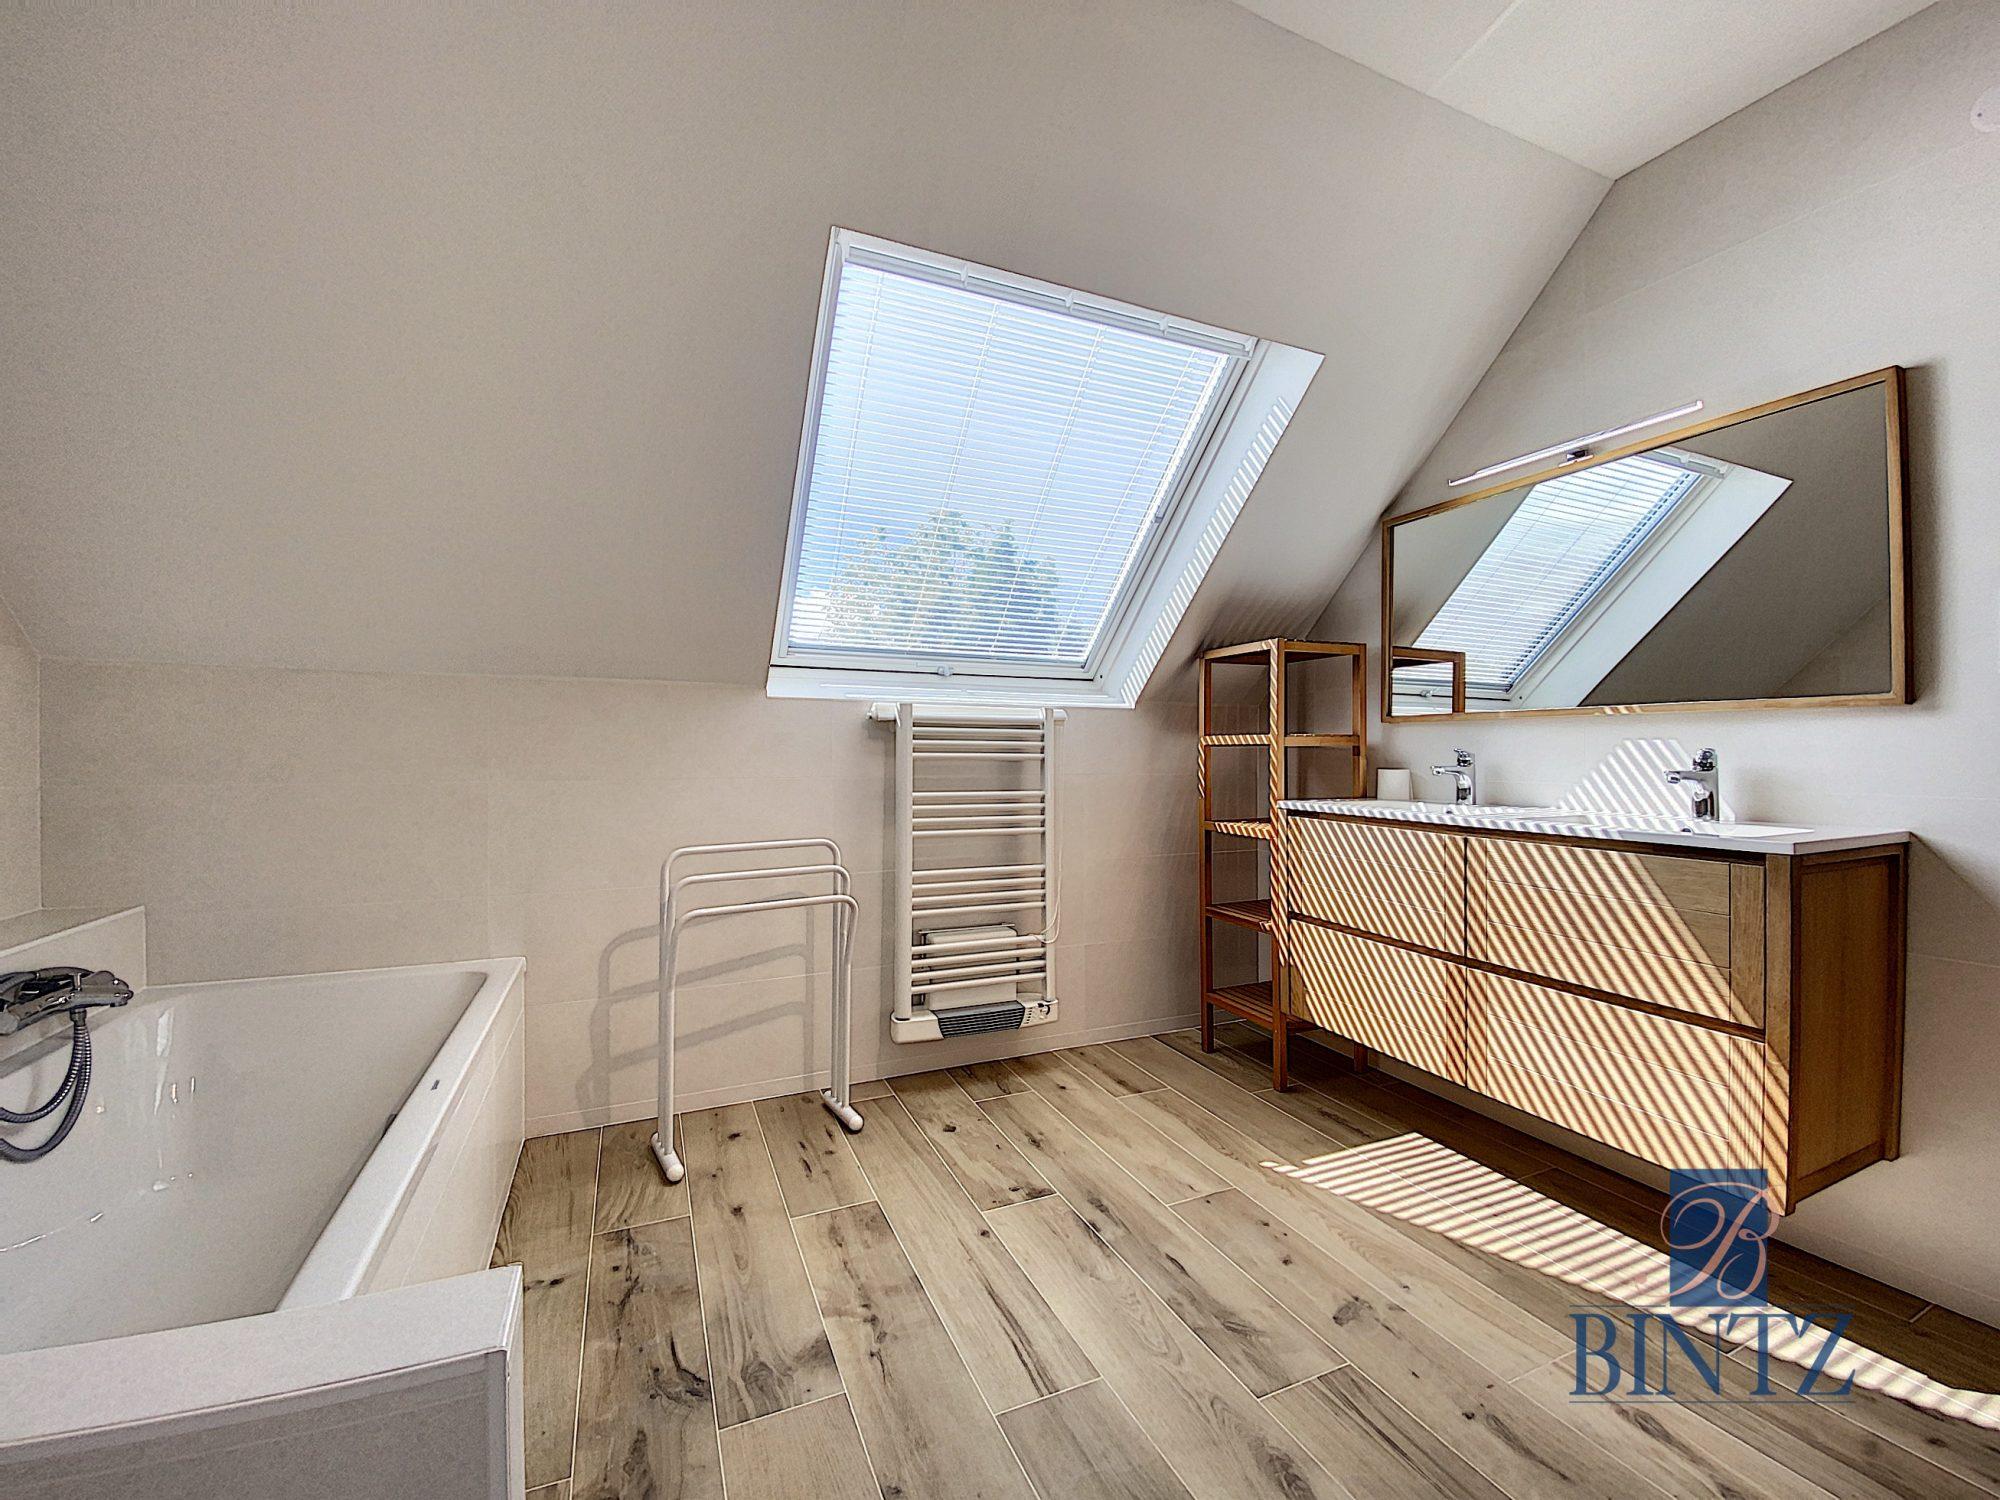 MAISON A LOUER ROBERTSAU - Devenez locataire en toute sérénité - Bintz Immobilier - 14